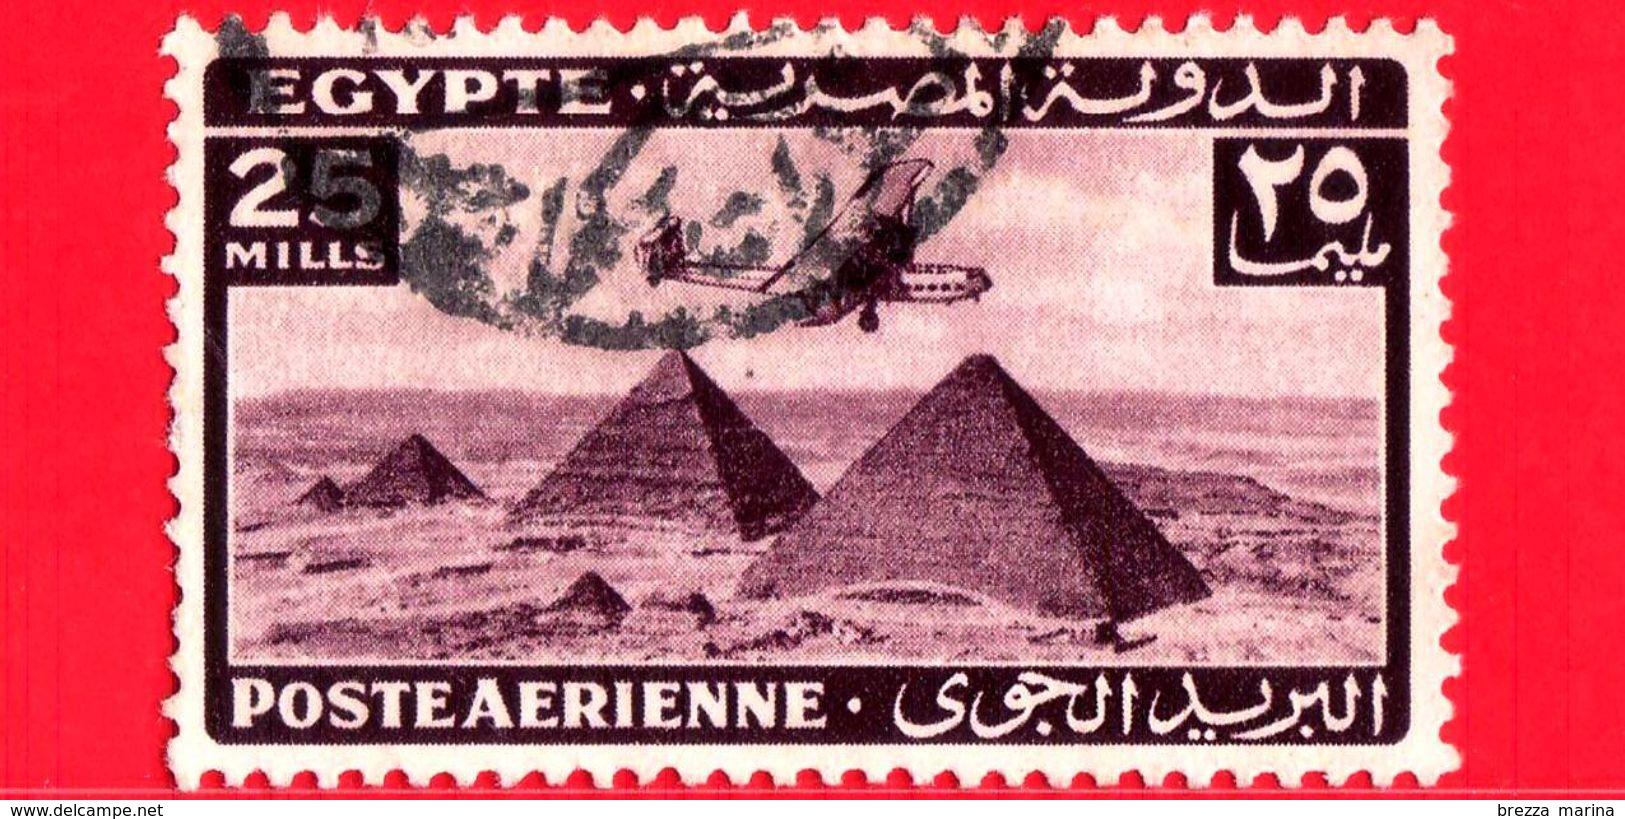 EGITTO - Usato - 1943 - Aereo Che Vola Sopra Le Piramidi Di Giza - 25 Posta Aerea - Posta Aerea